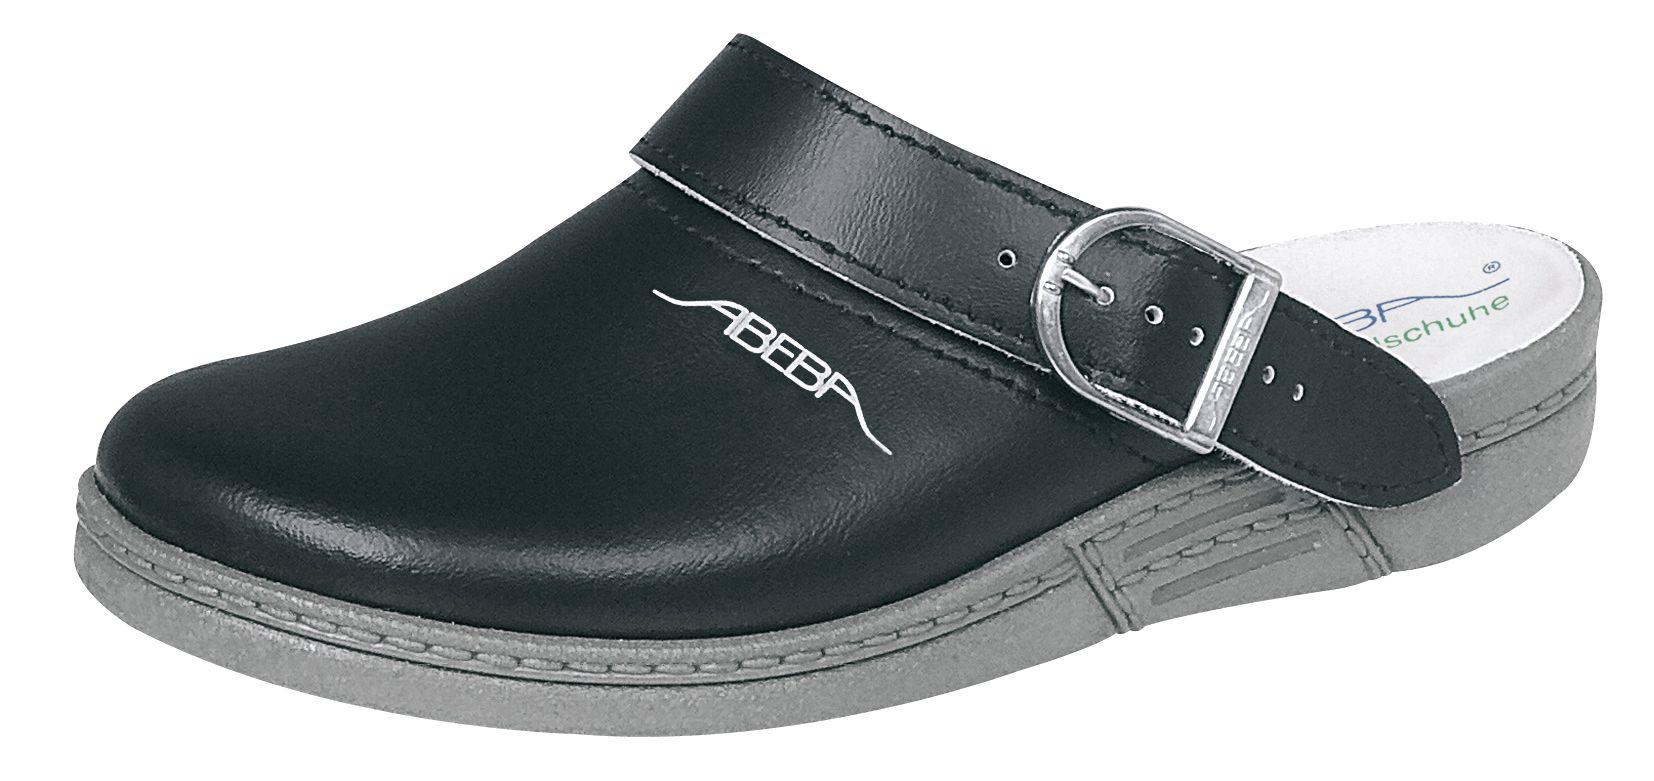 Abeba 7031-43The Original Schuhe, Größe 43, Schwarz